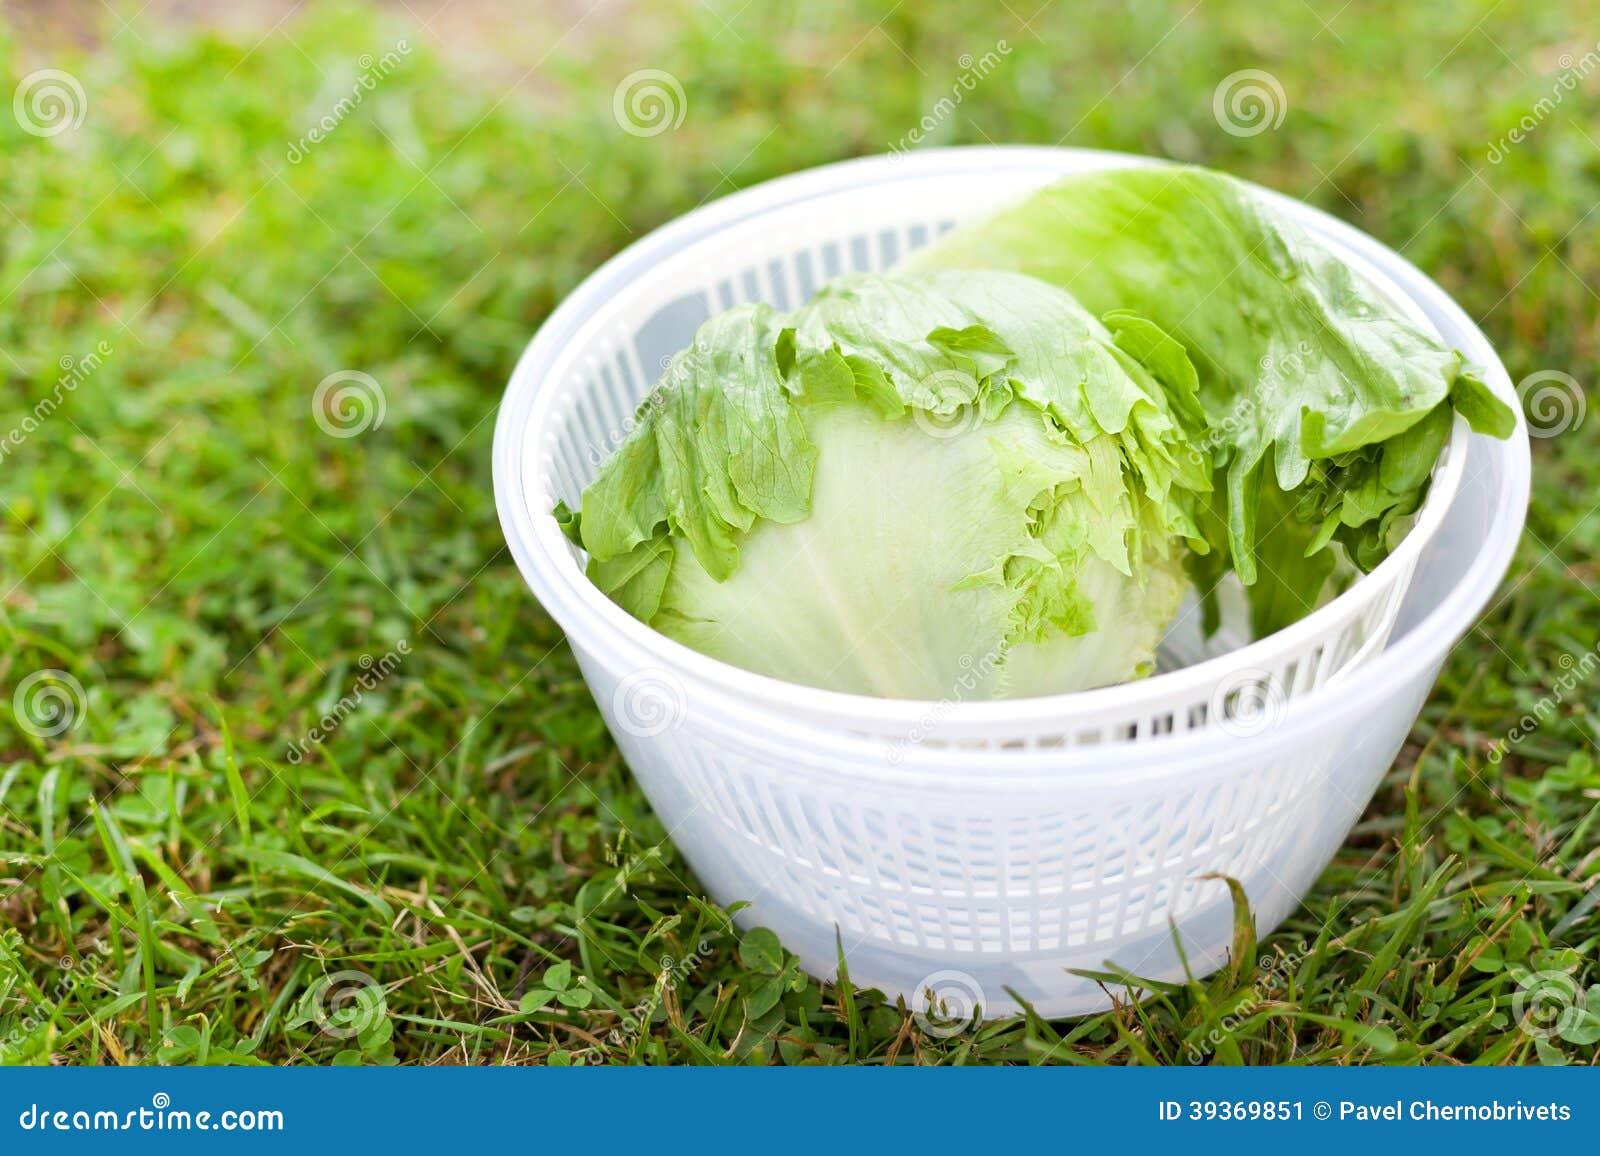 Салат салата в обтекателе втулки